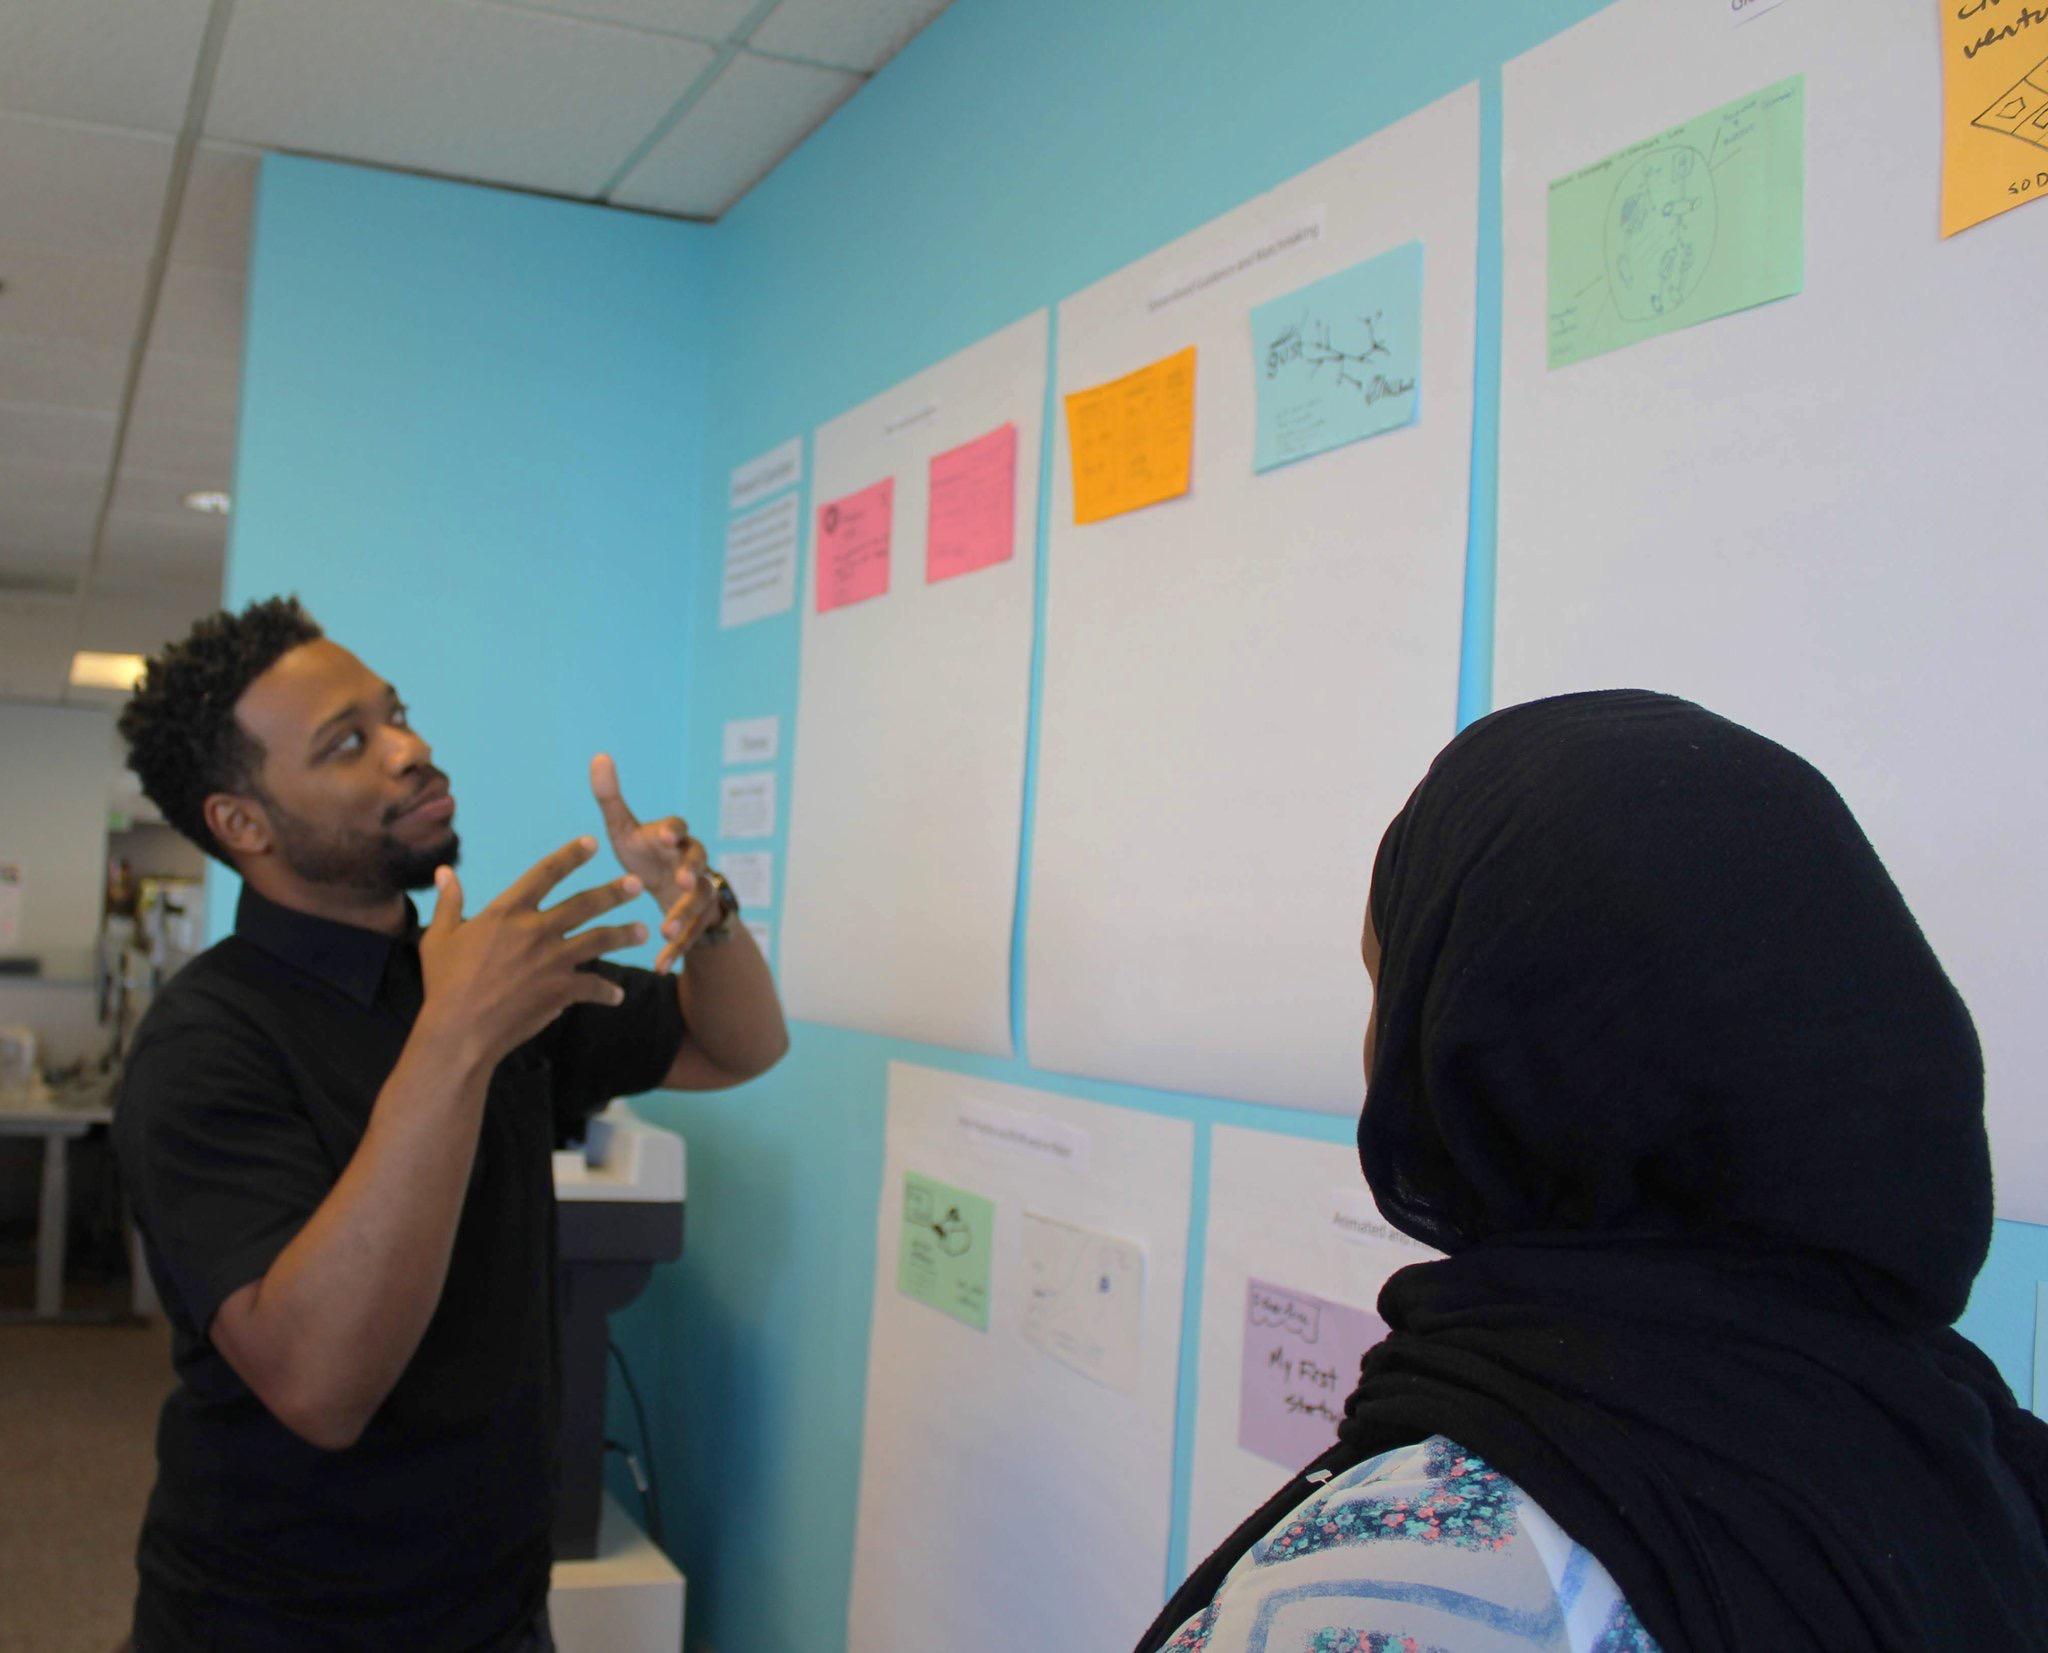 StartupSeattleOpenIdeation_DavidHarris.JPG